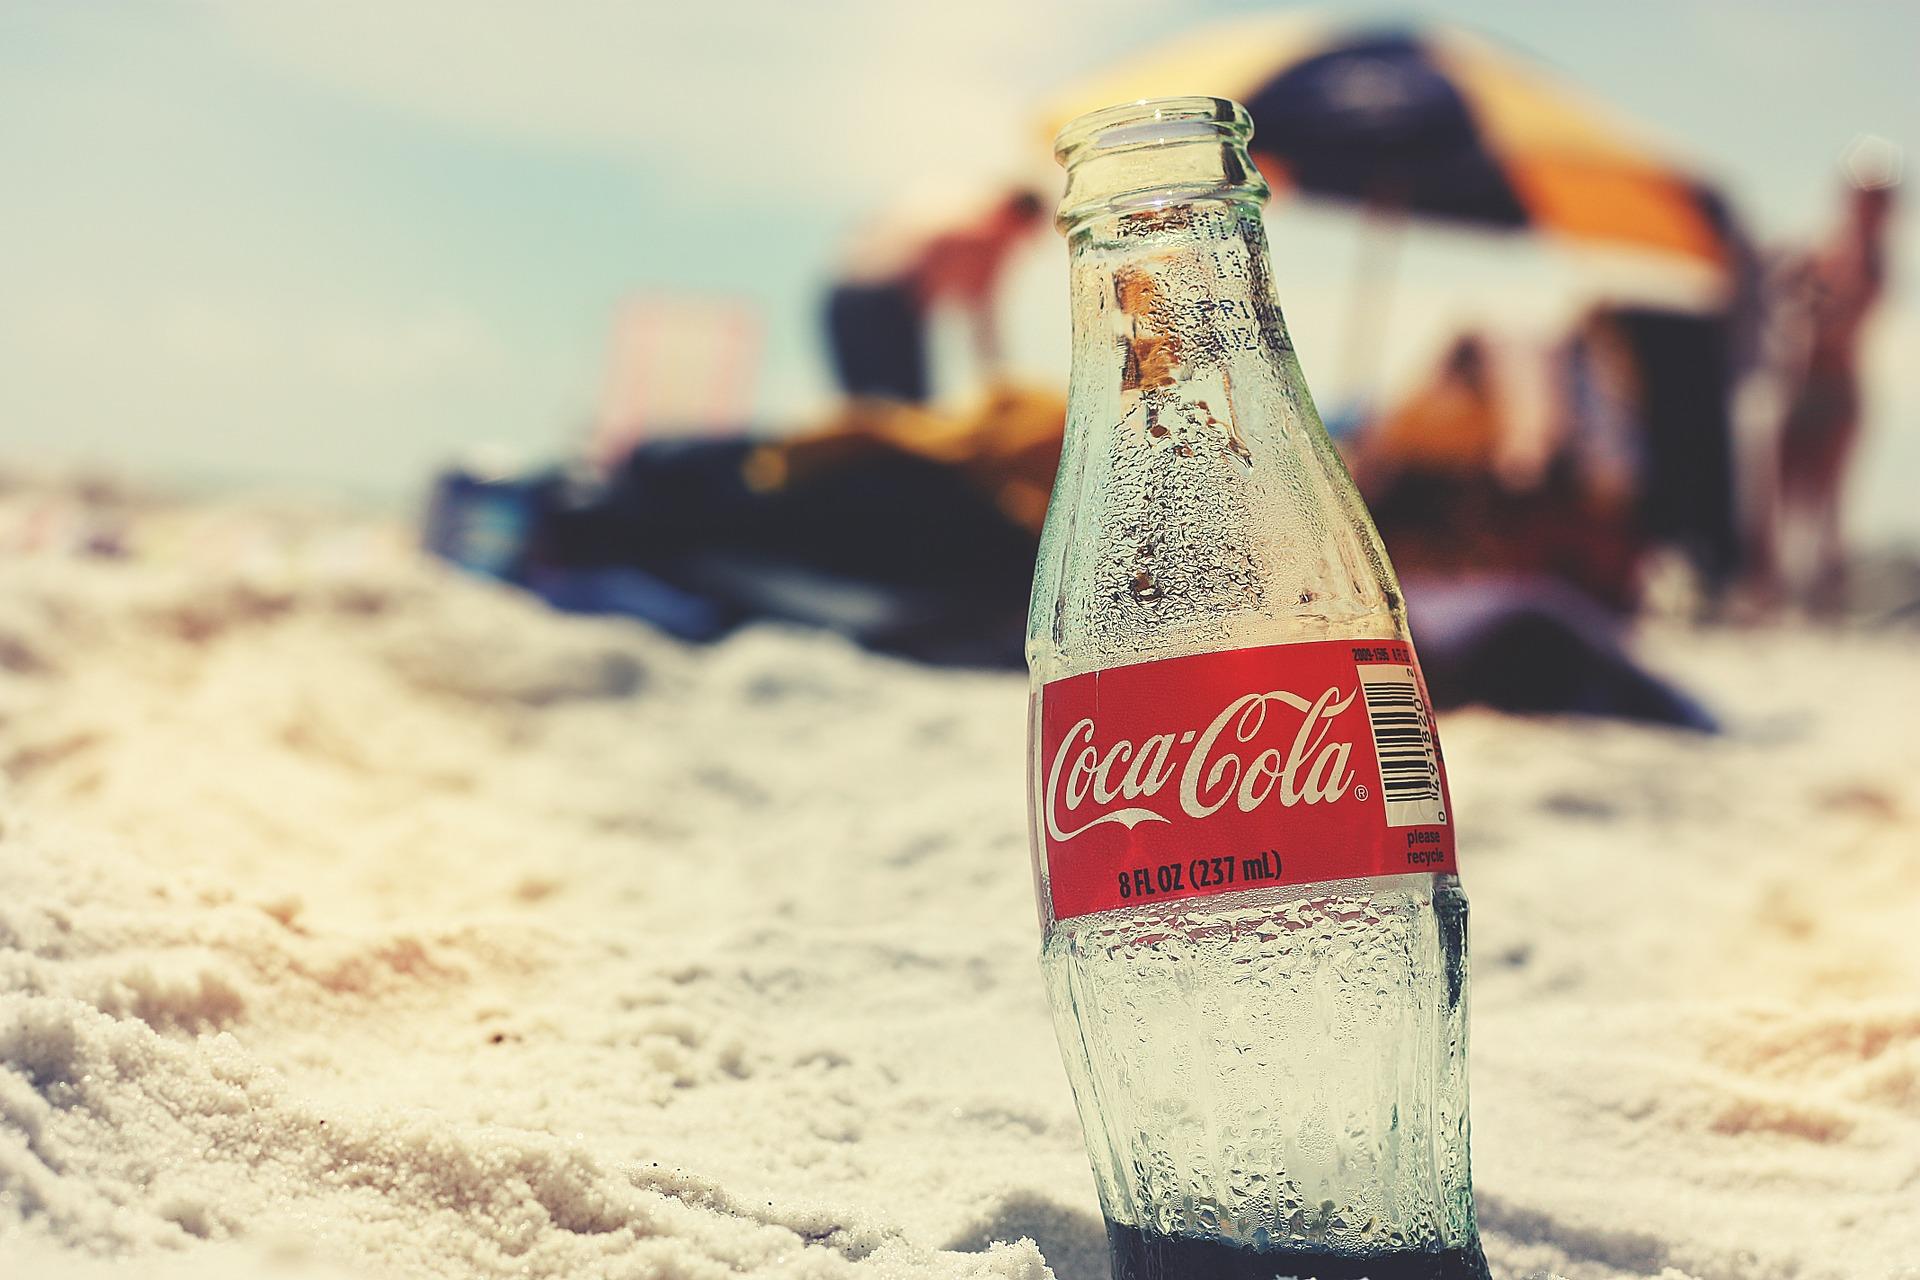 Eiskalte Getränke aus dem Automaten - Cola am Strand